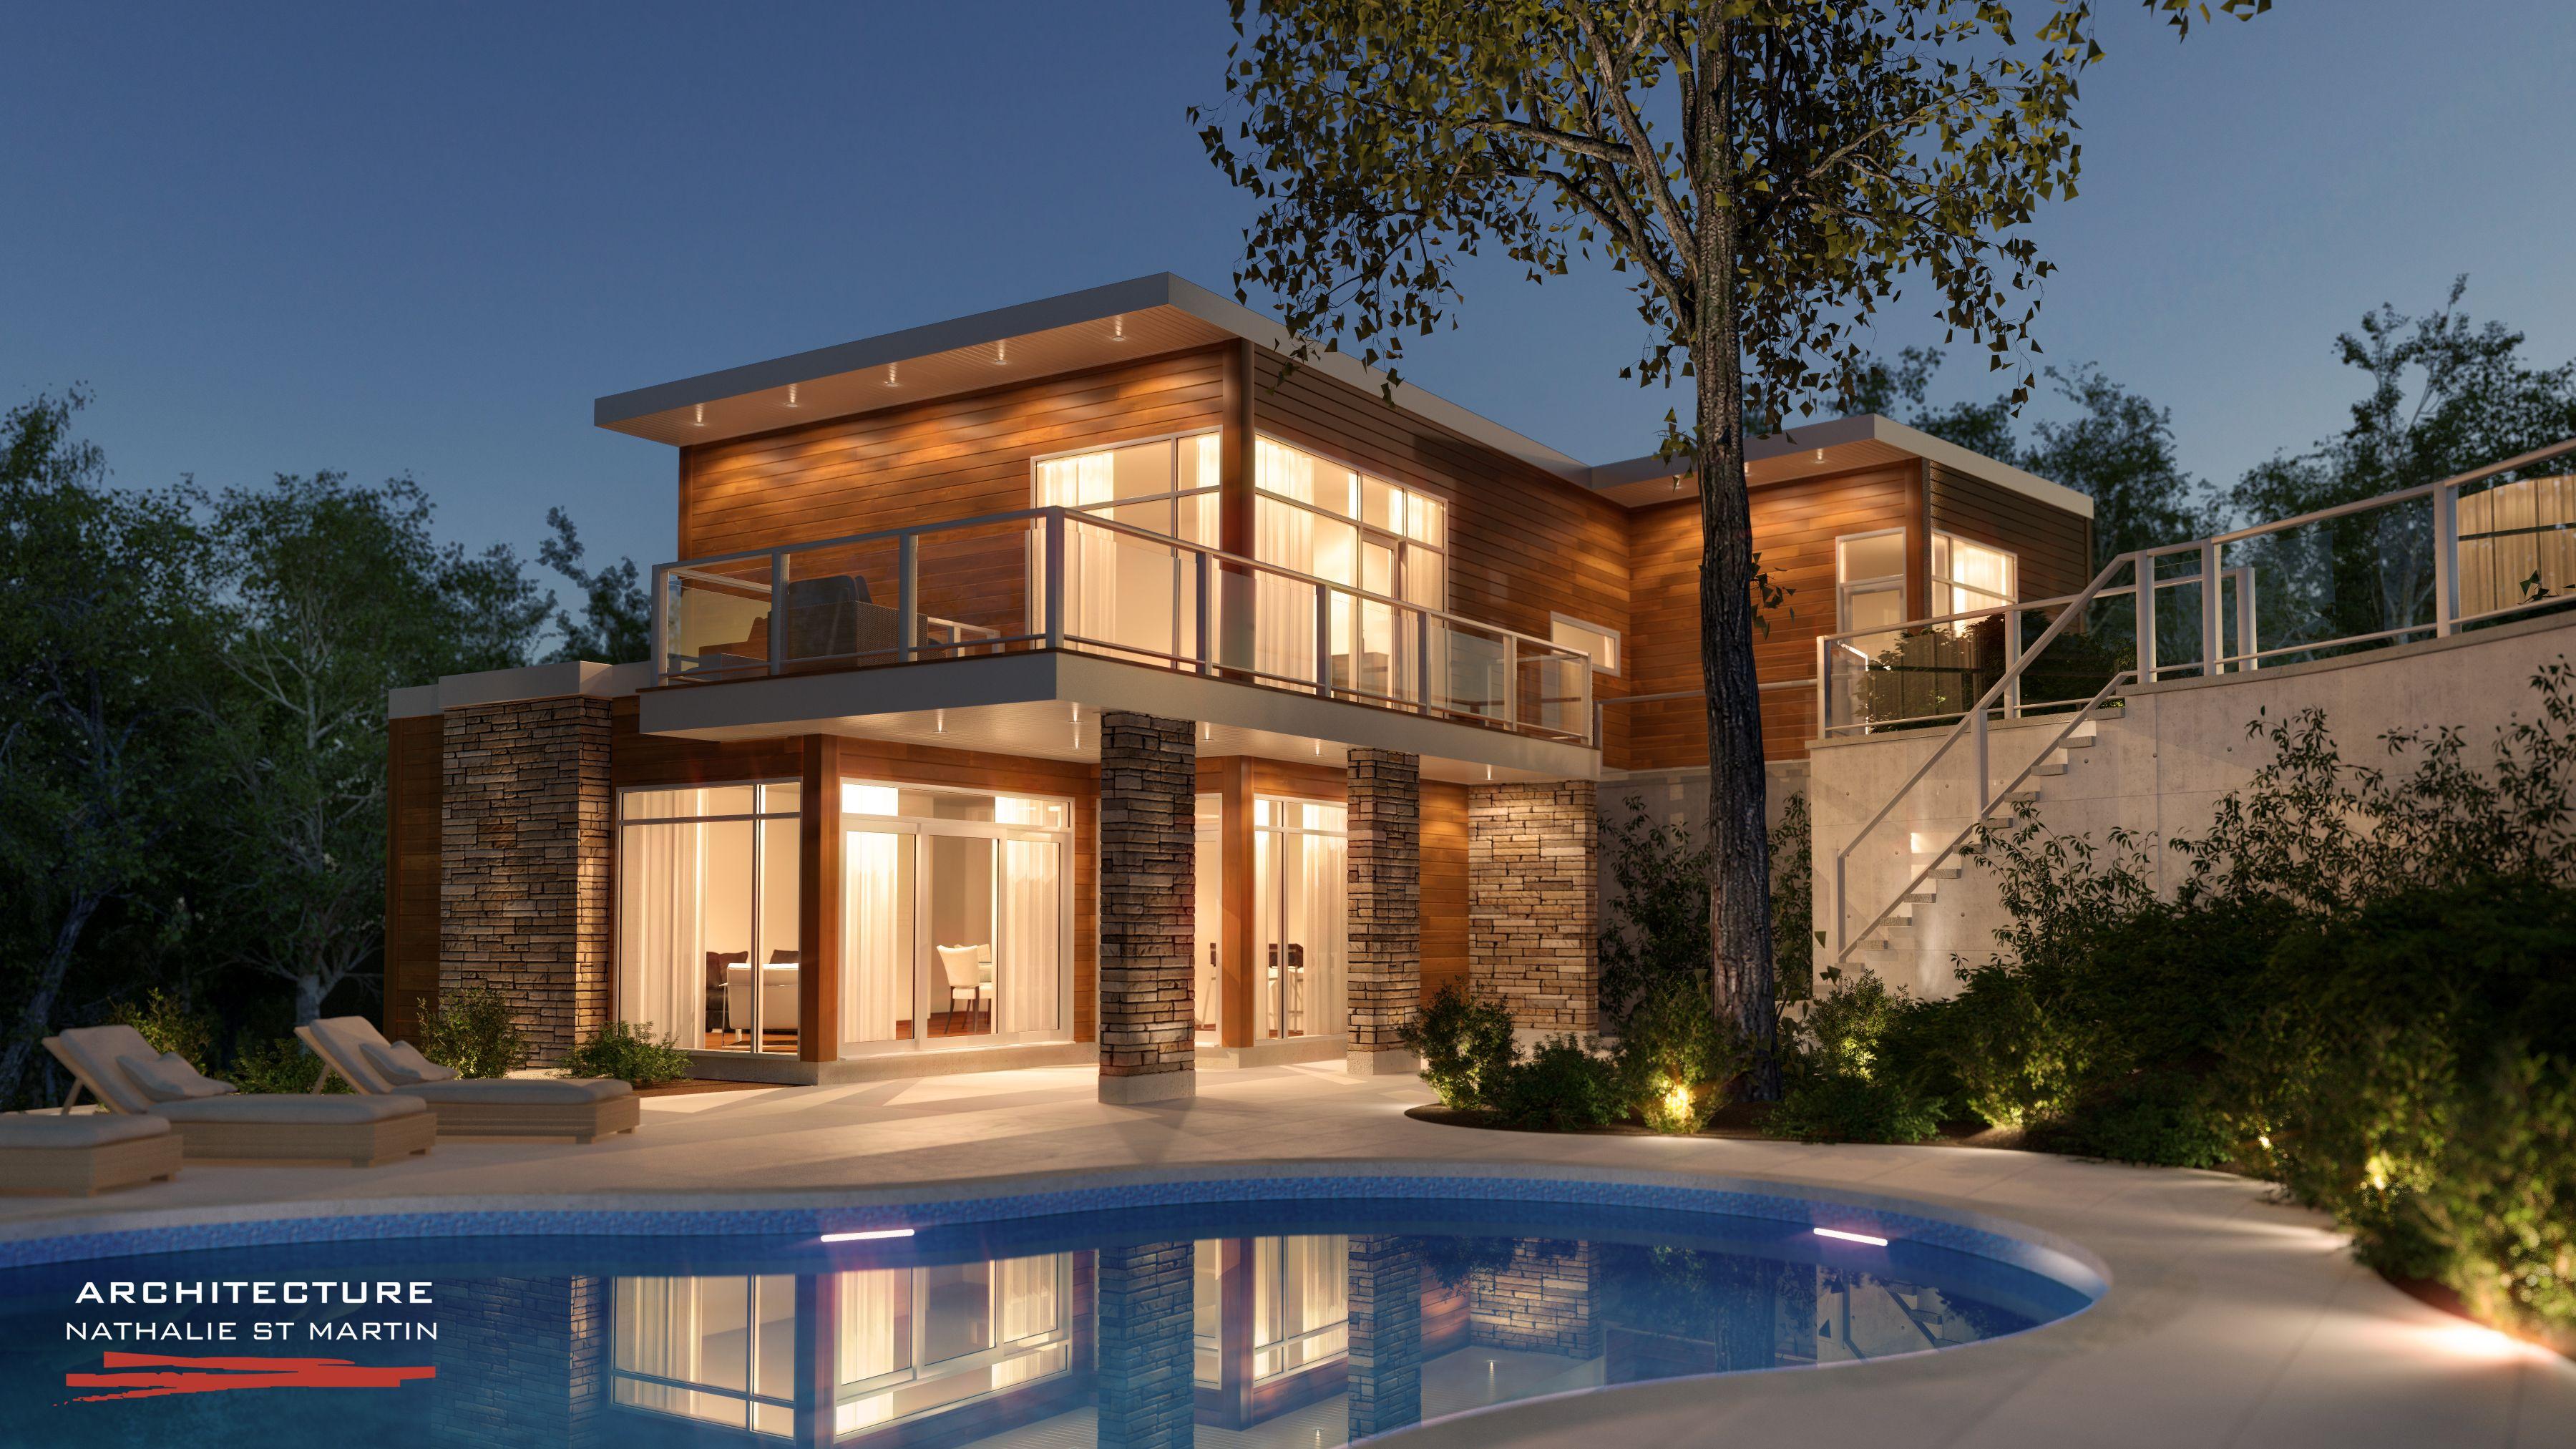 architecture st martin maisons neuves maison contemporaine maisons neuves maison et plan. Black Bedroom Furniture Sets. Home Design Ideas